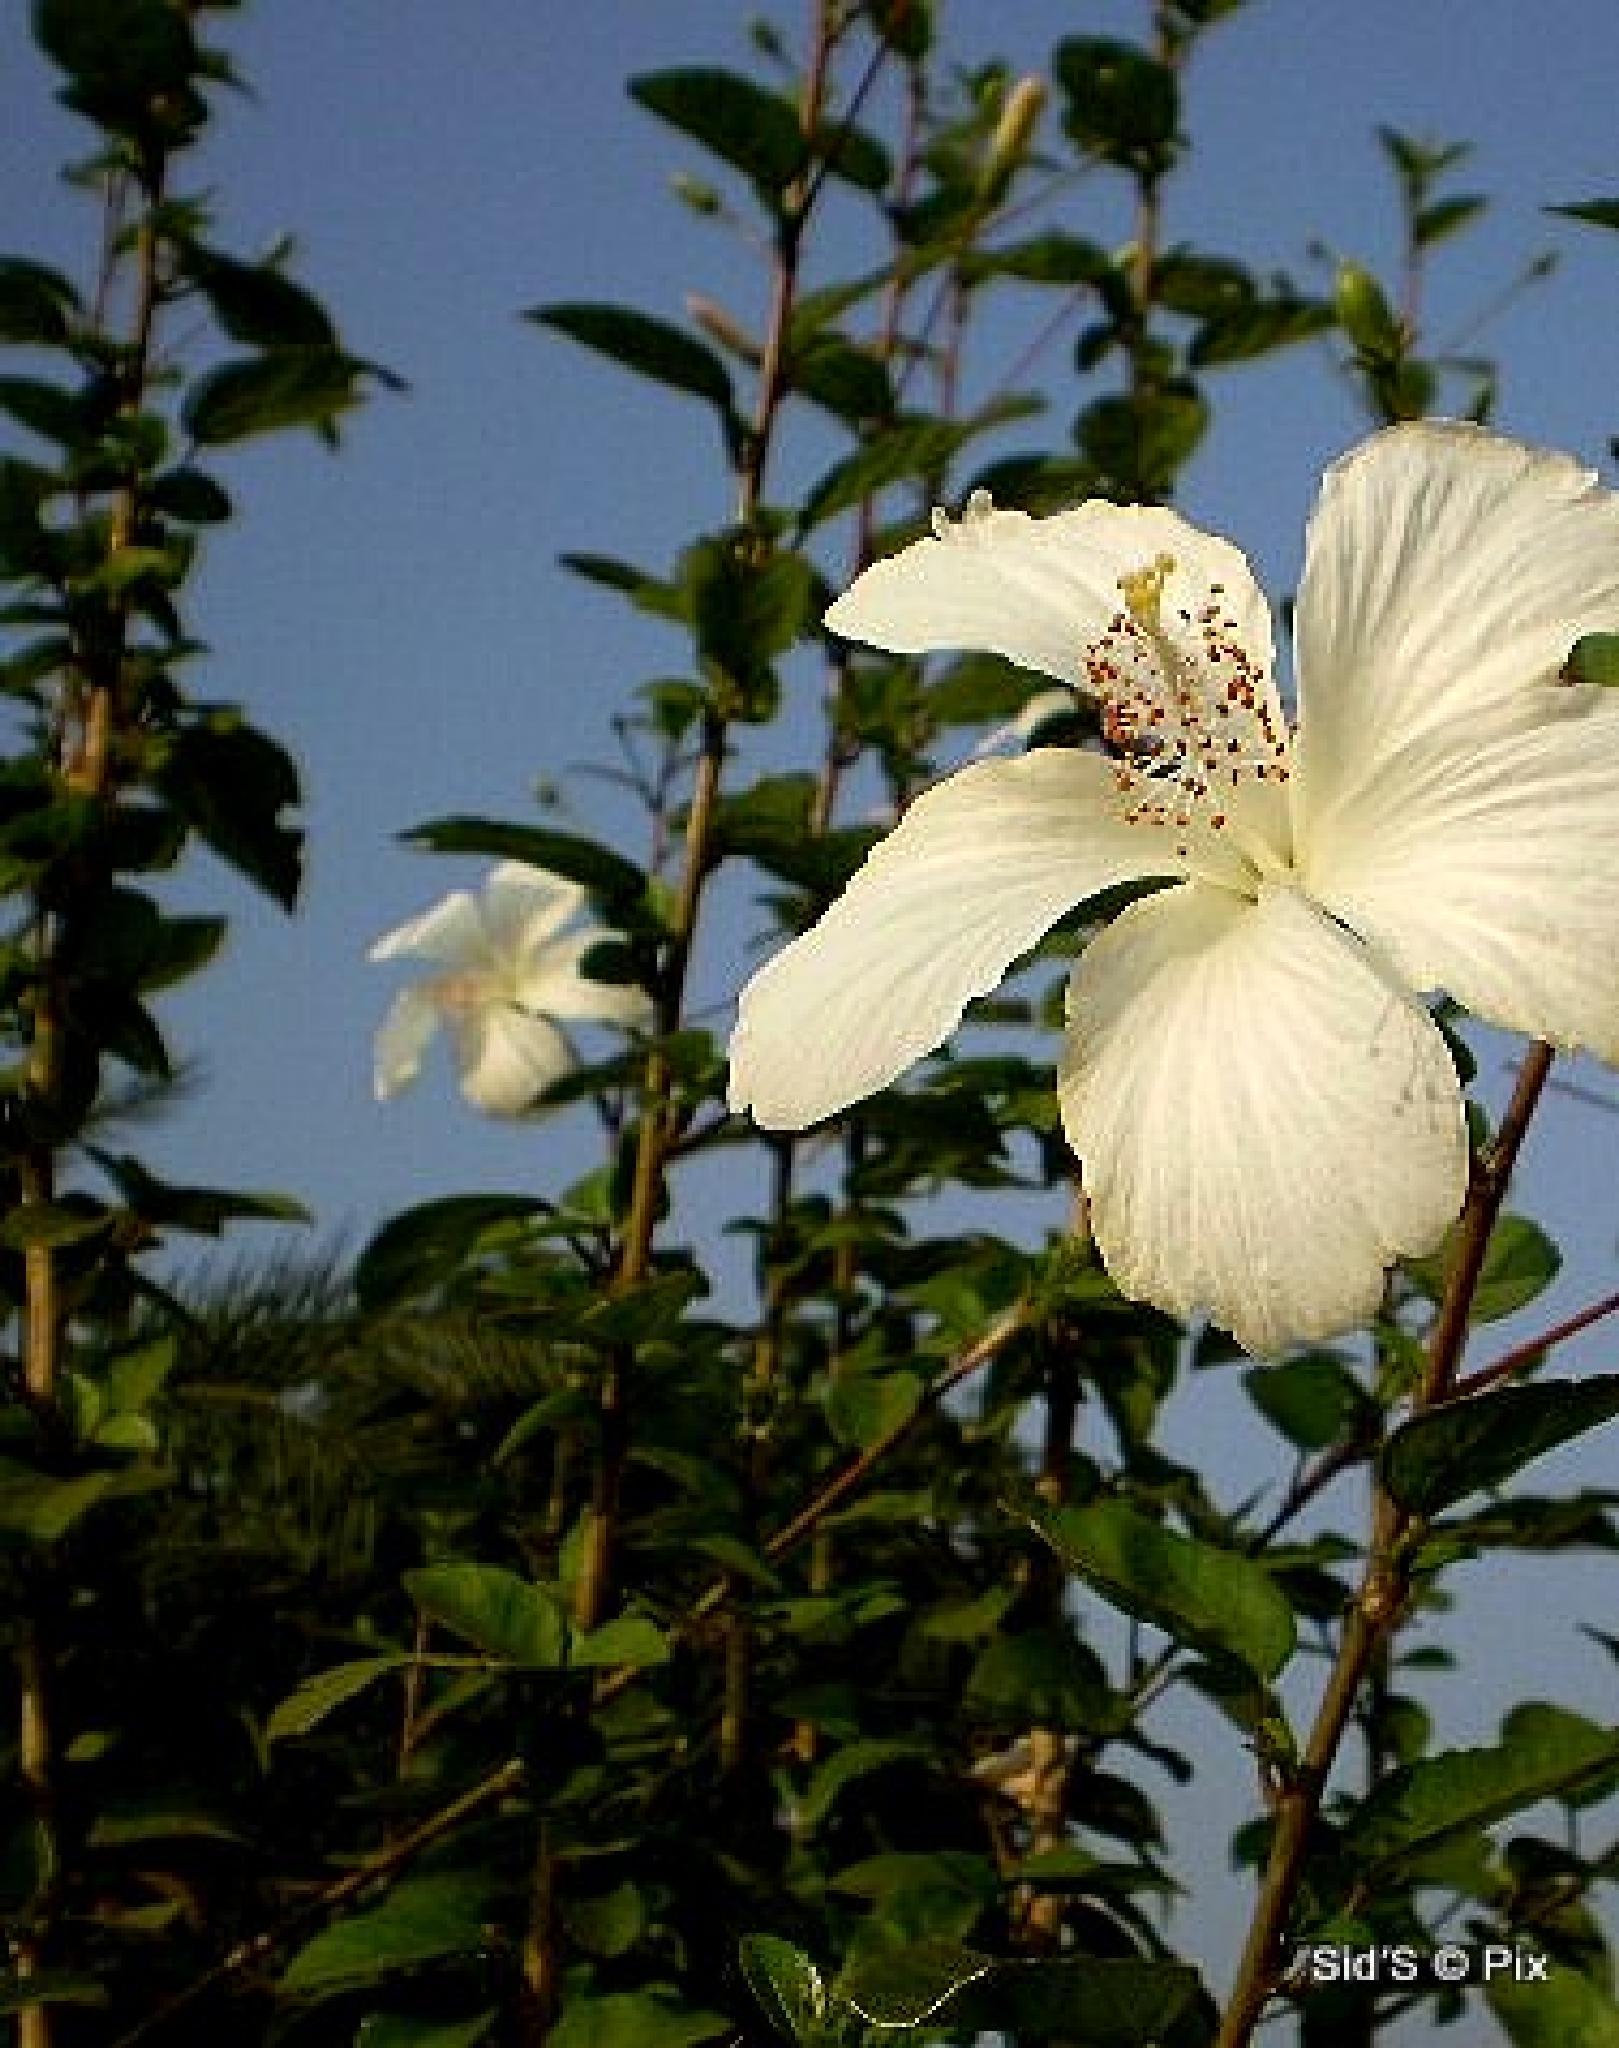 Flower #40 by Siddharth Sanyal